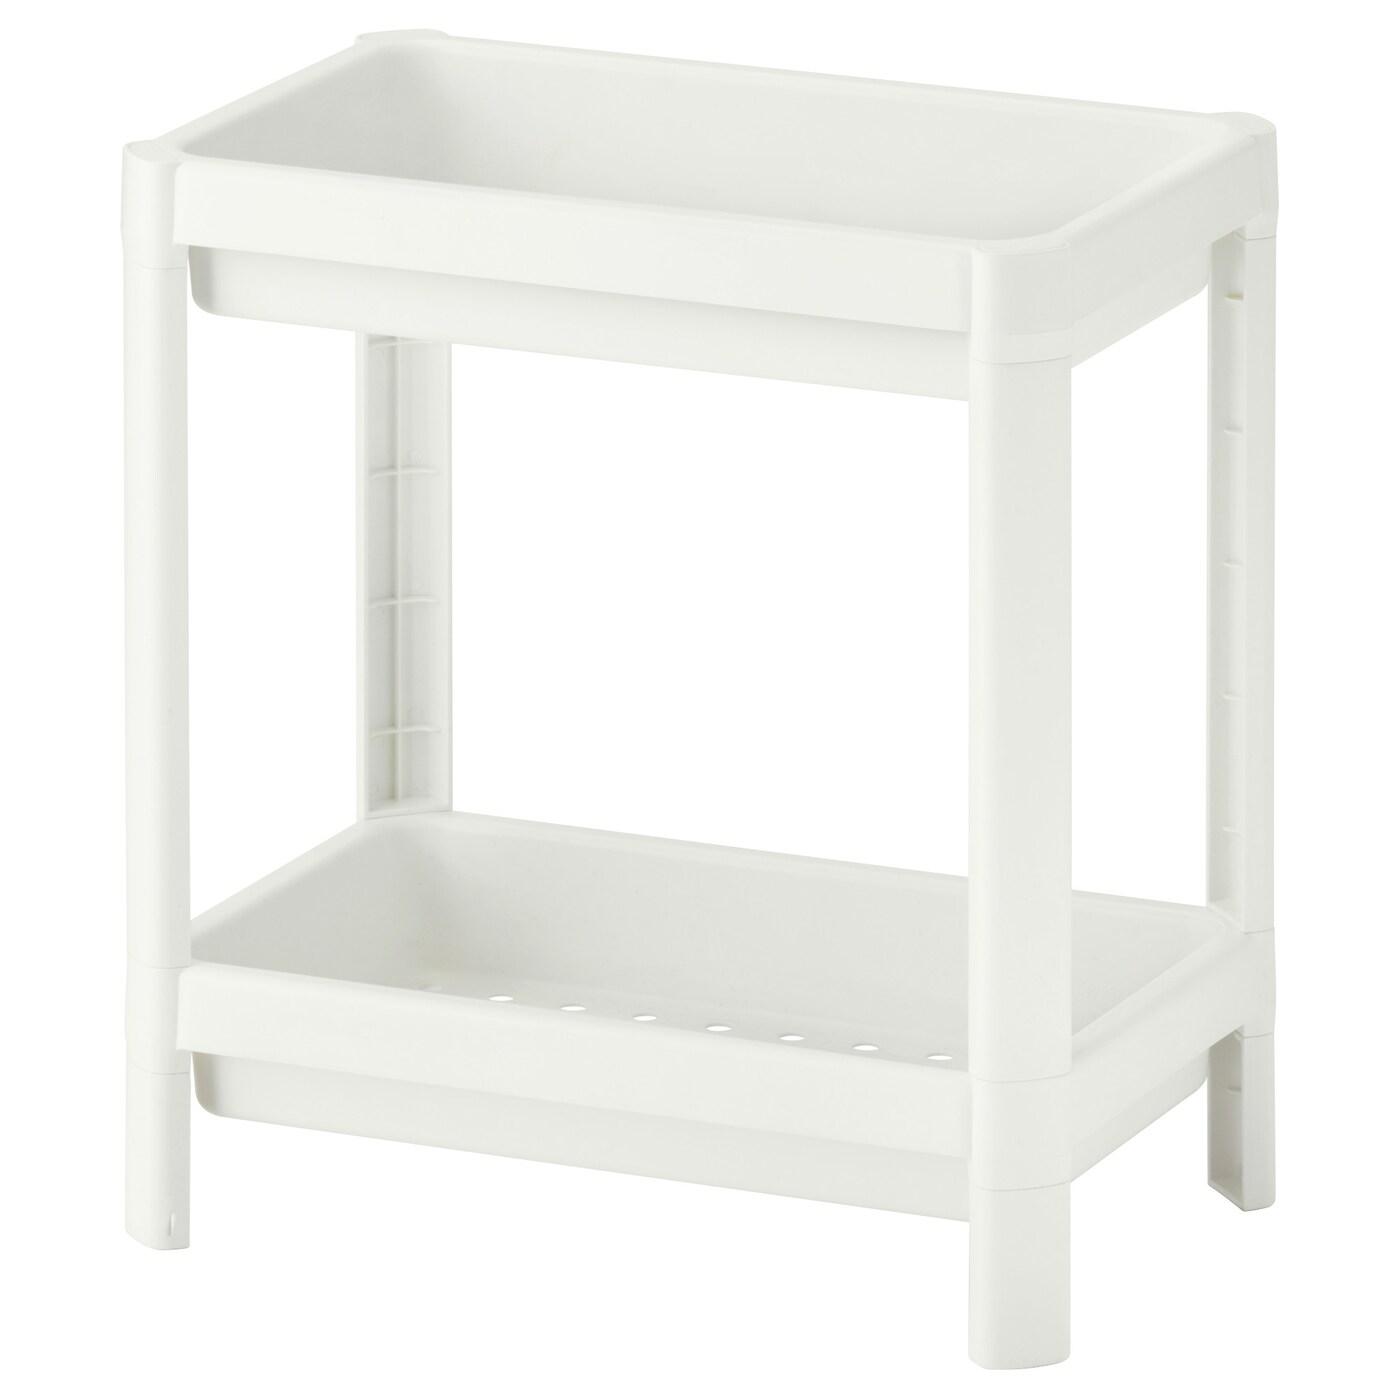 Almacenaje Y Muebles De Bano Compra Online Ikea